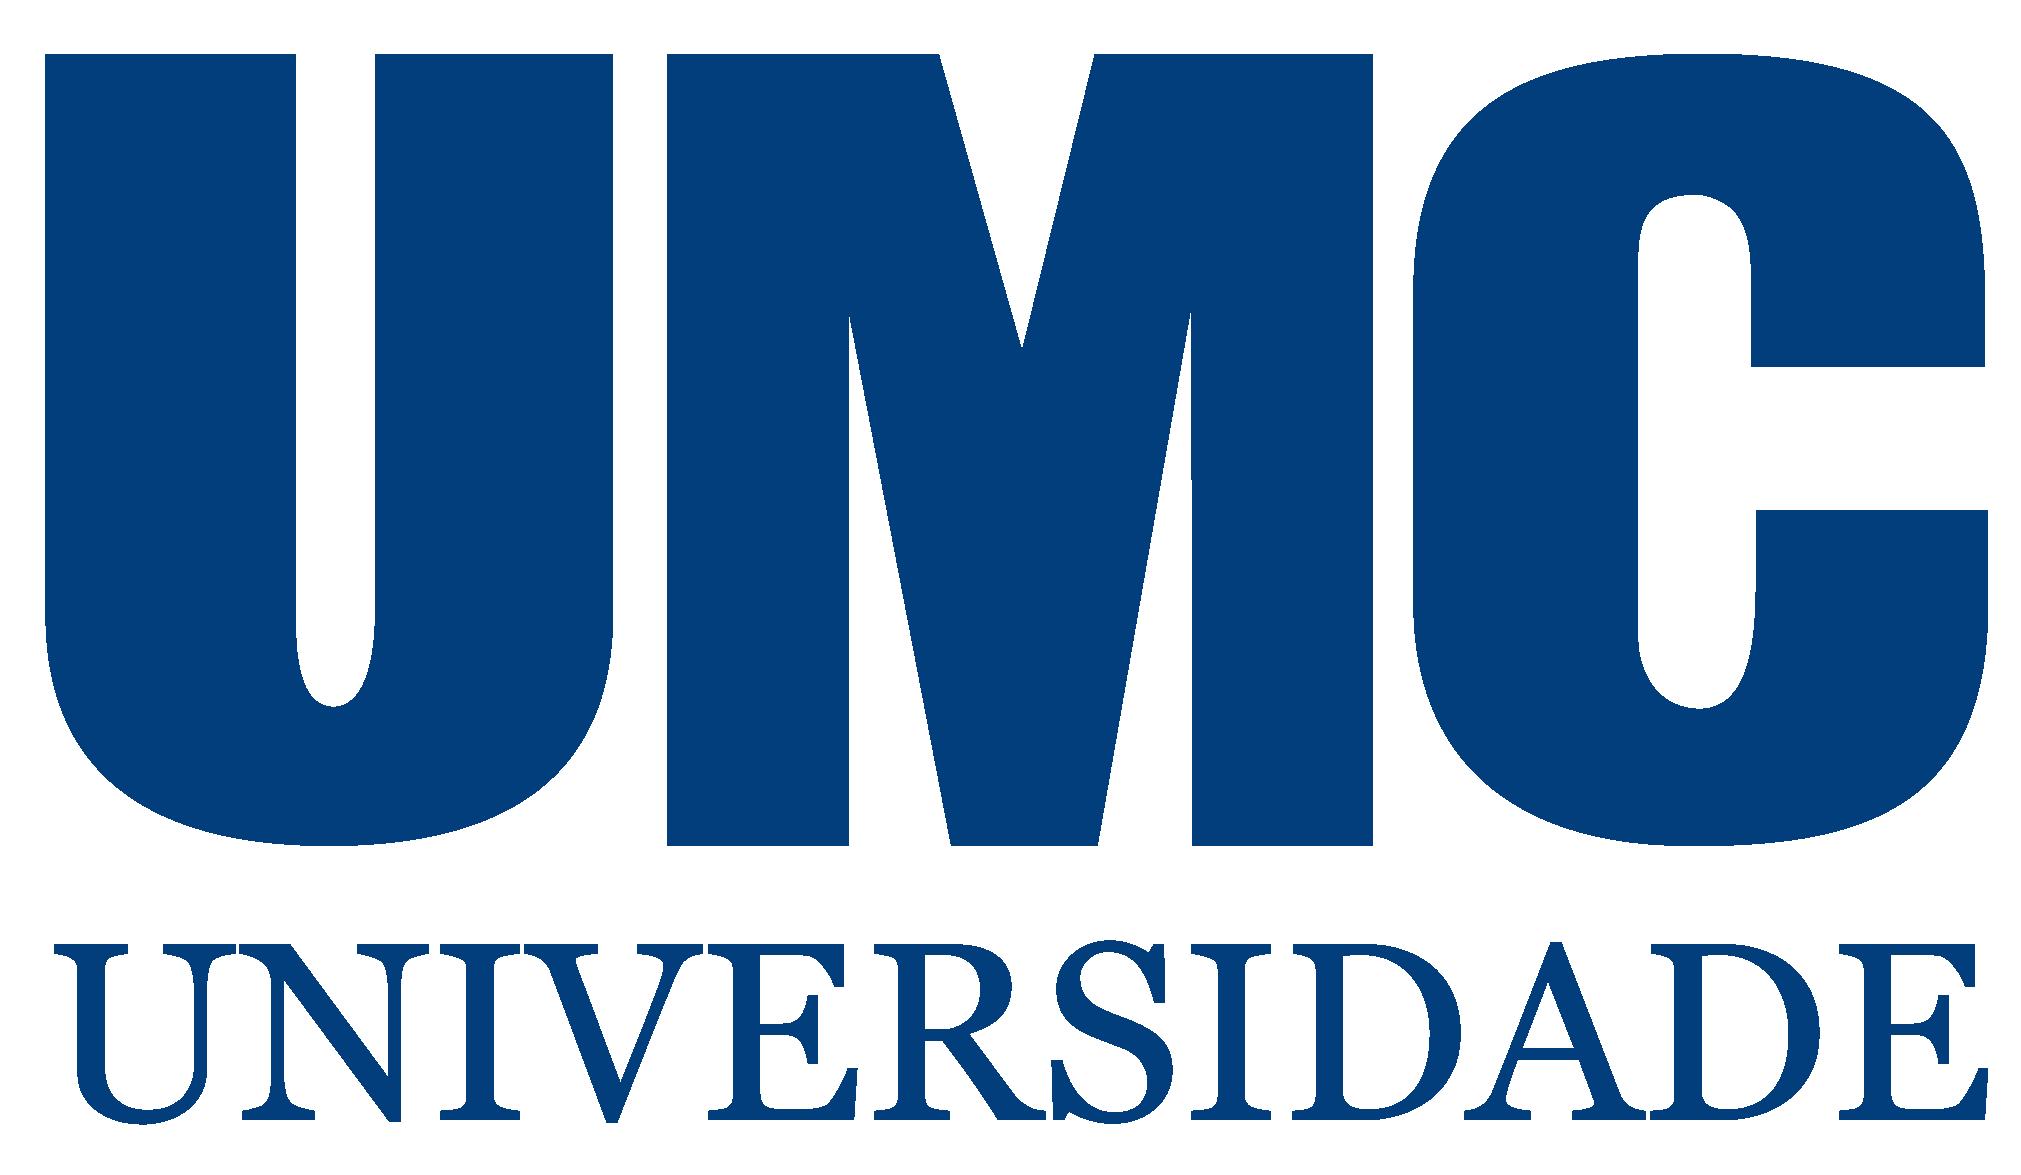 Date When Umc Will Build New Cj